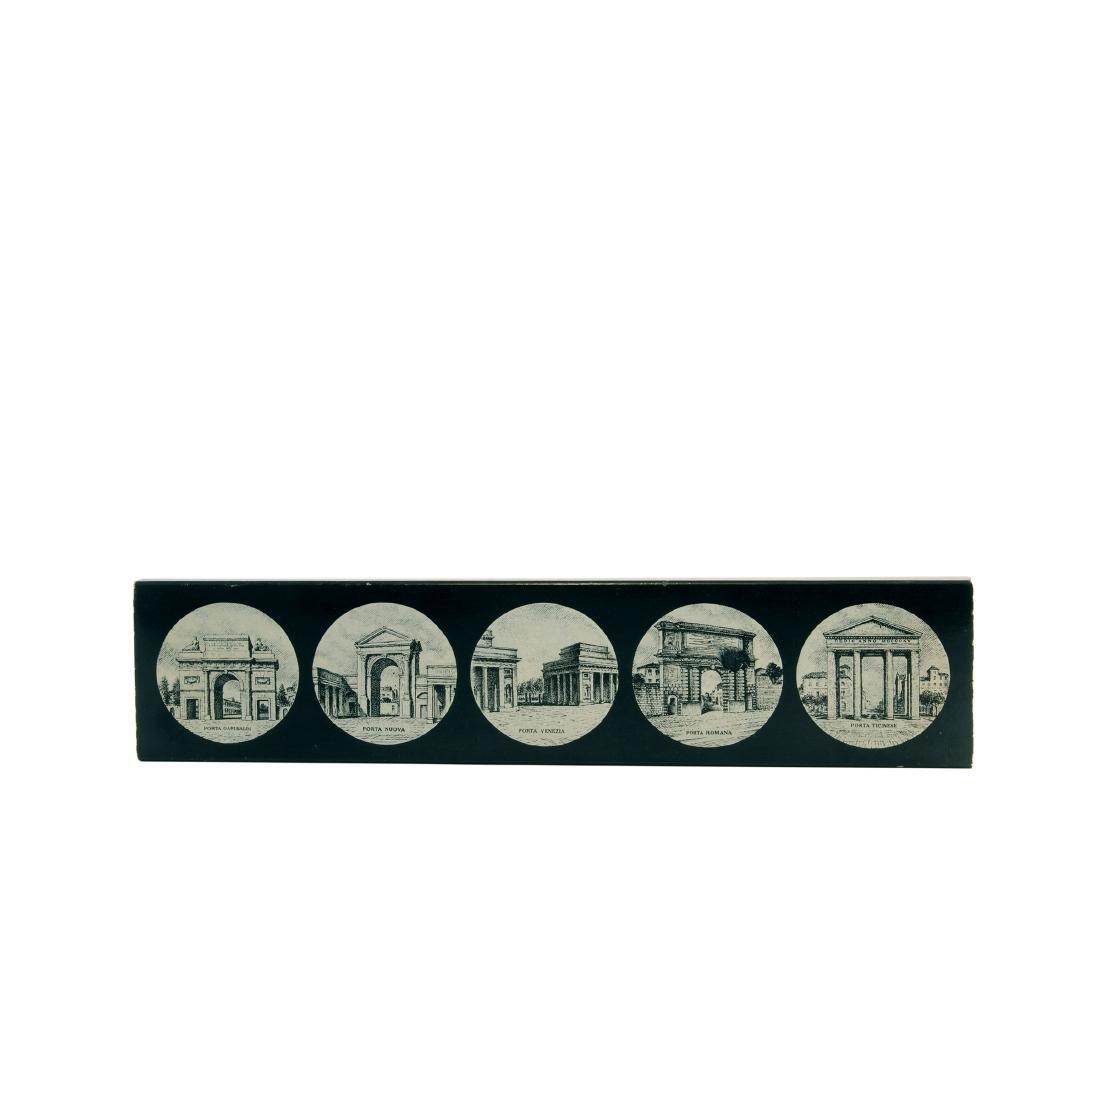 'Porte di Milano' cigarette case, 1960/70s